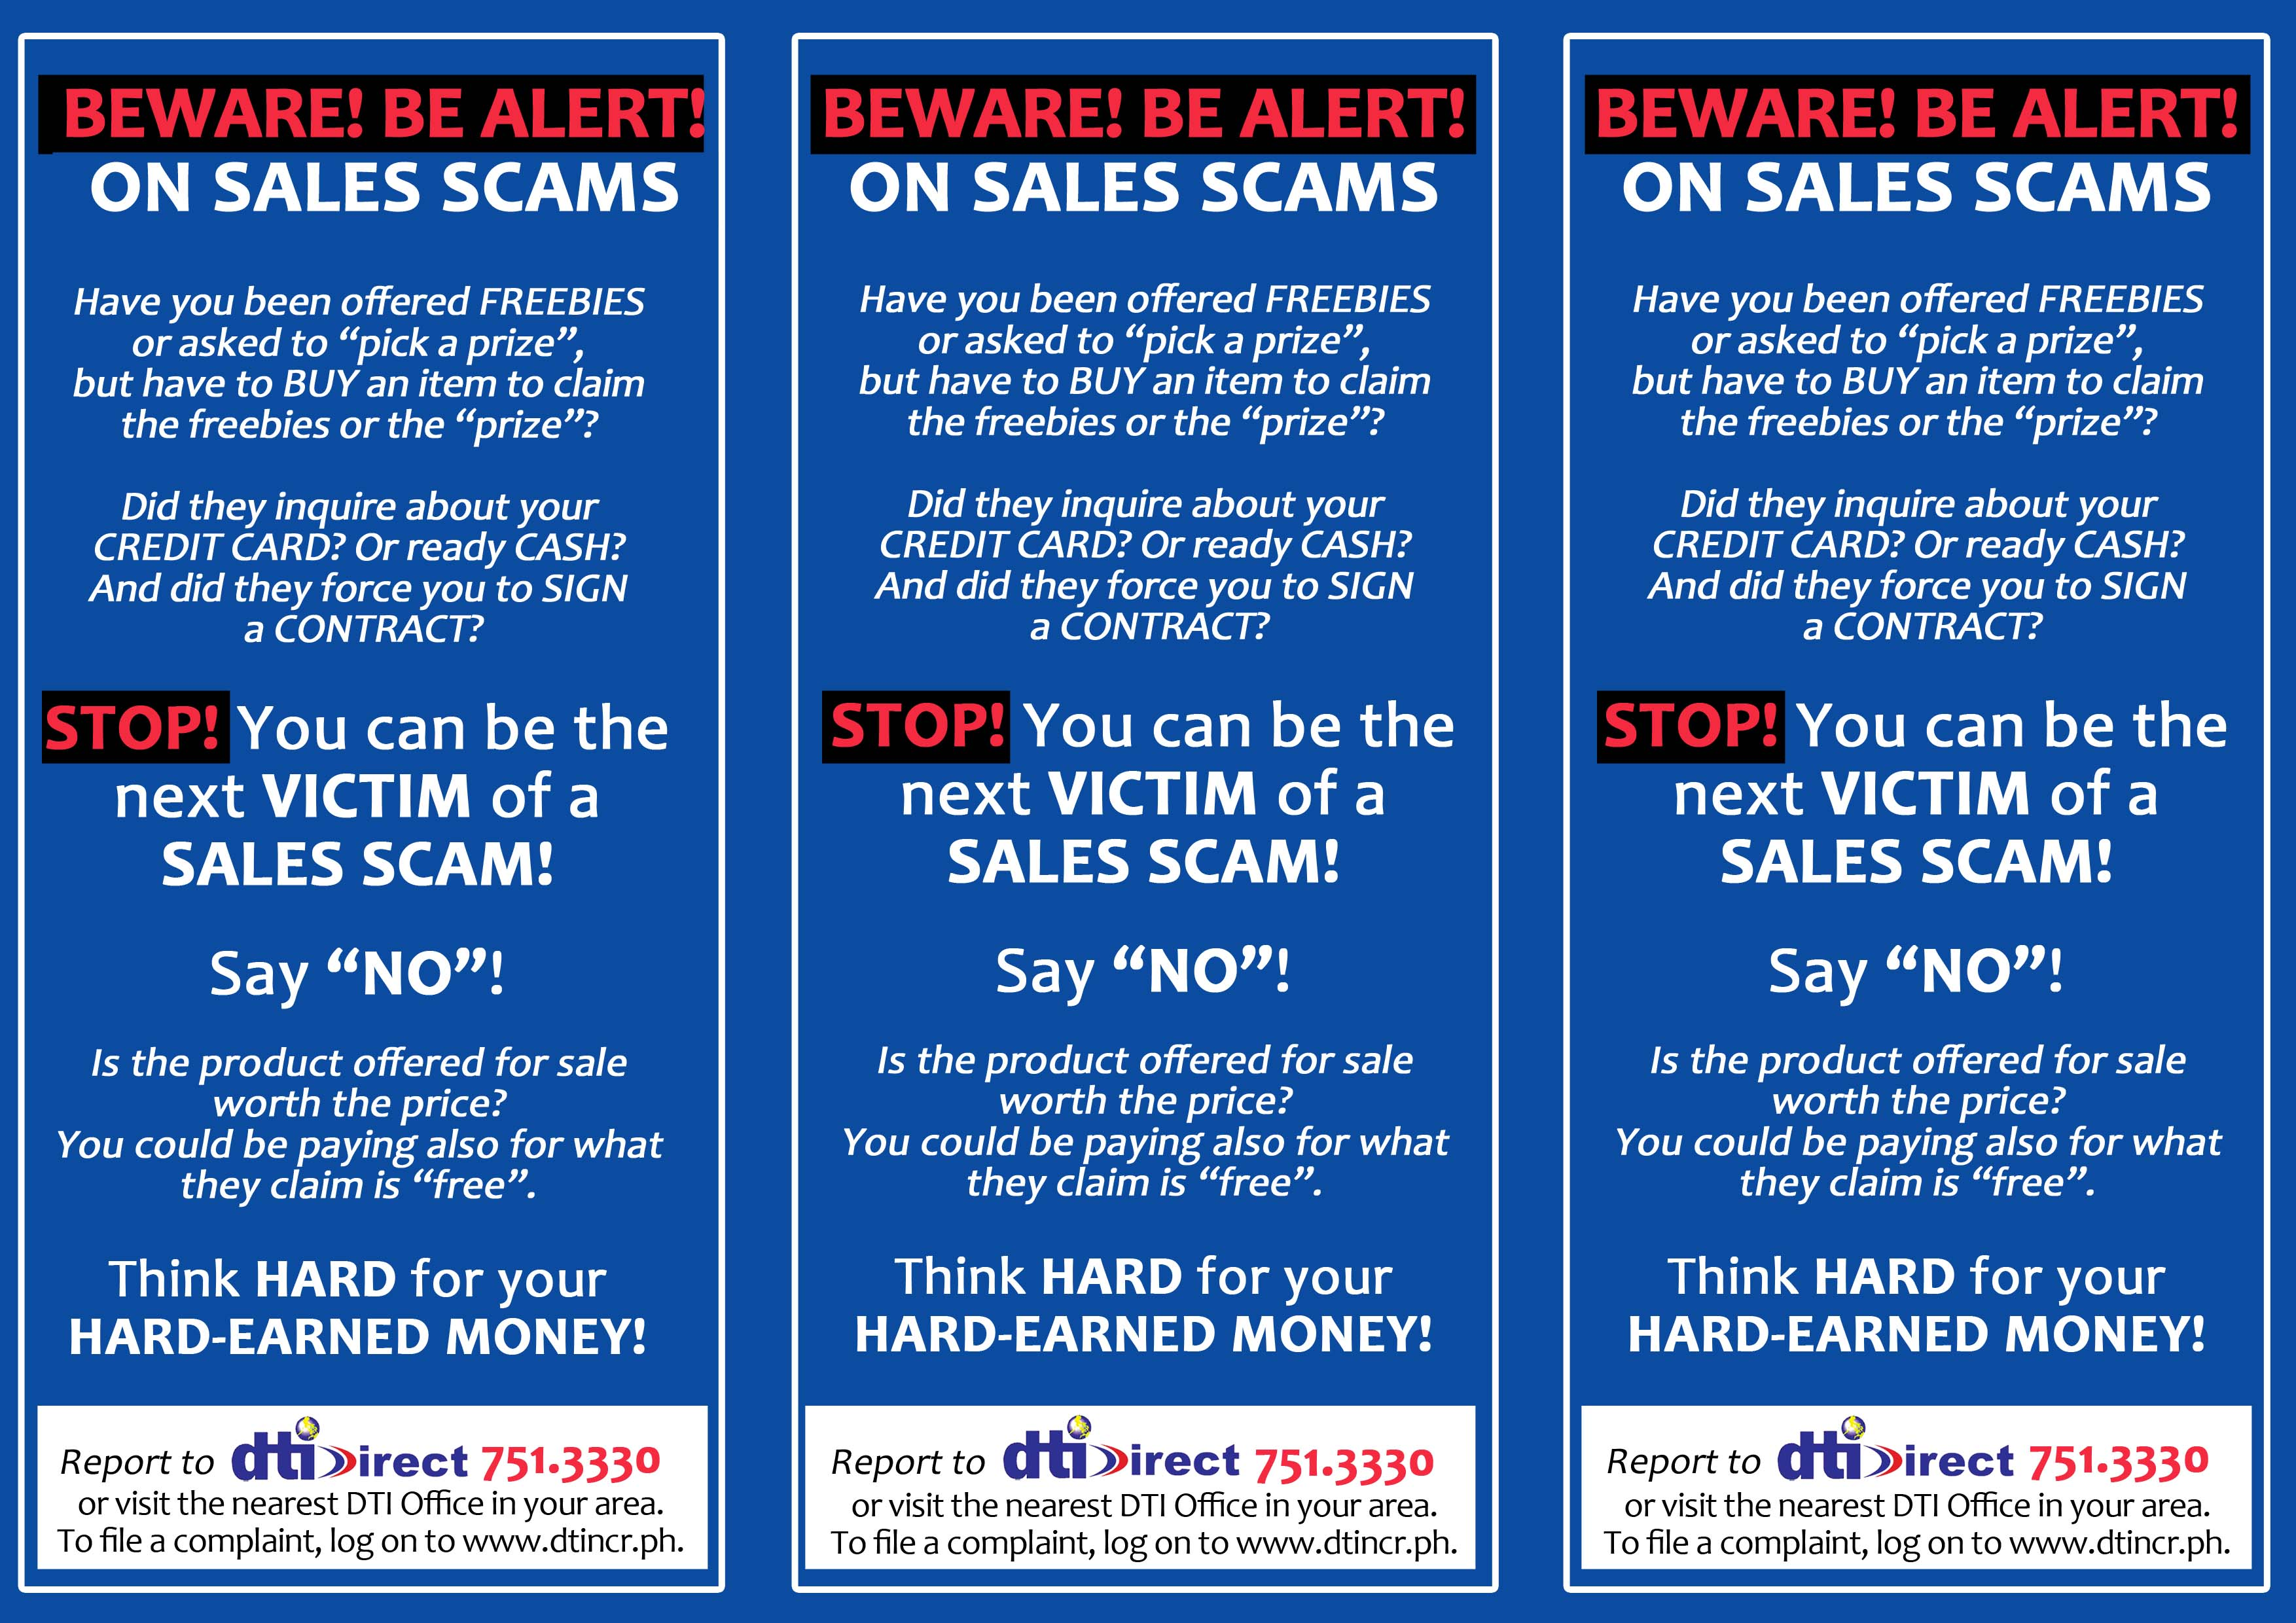 sales-scam-flyer-eng-blue